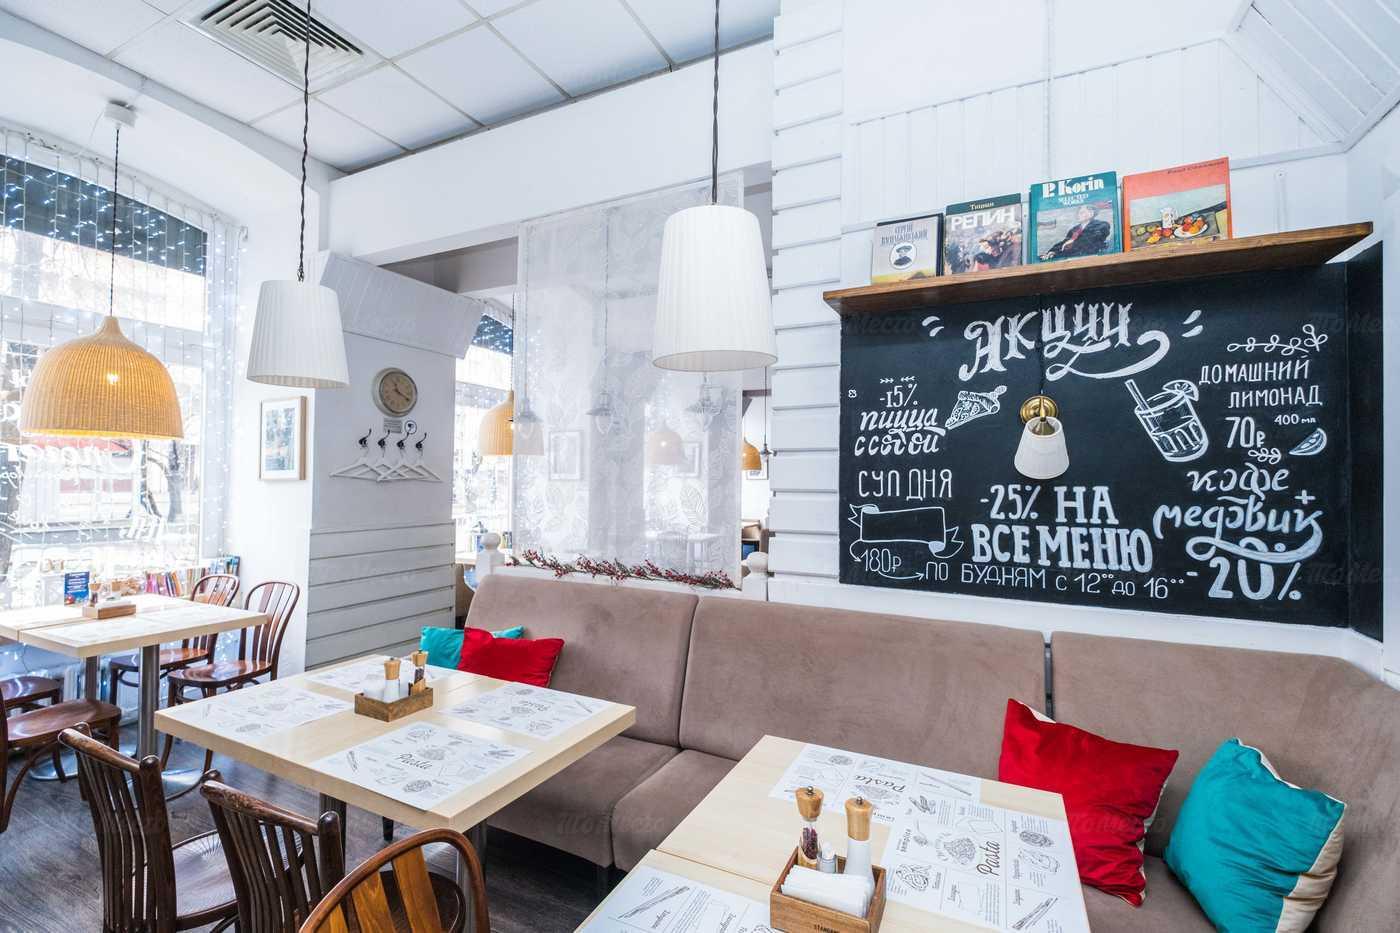 Ресторан Semplice (Траттория Семпличе) на улице Долгоруковской фото 5